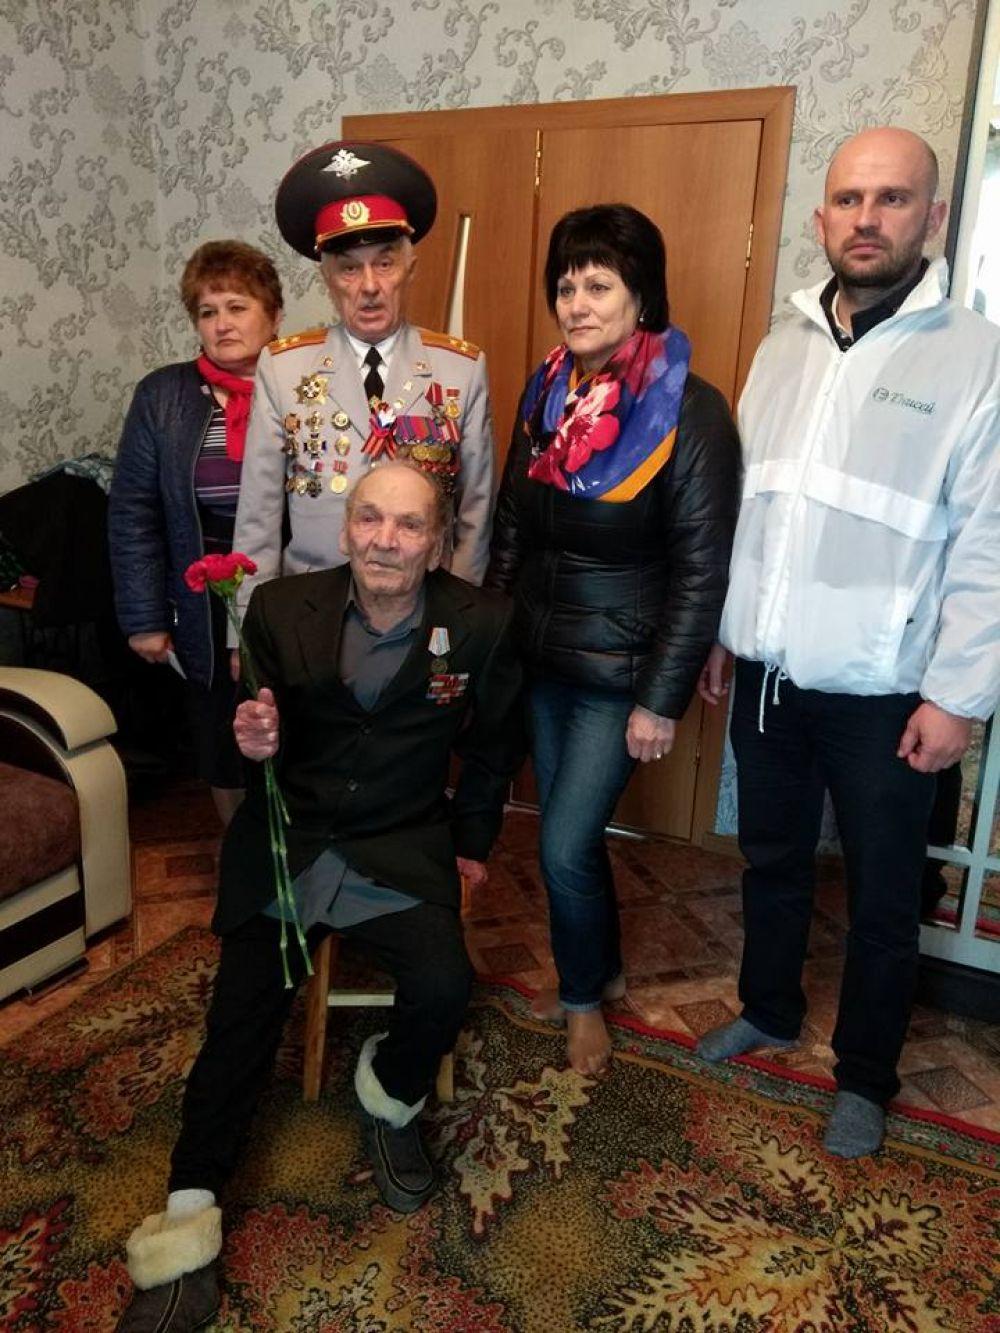 Пос. Дзержинское. Поздравляем участника Великой Отечественной войнв Резанова Льва Михайловича.